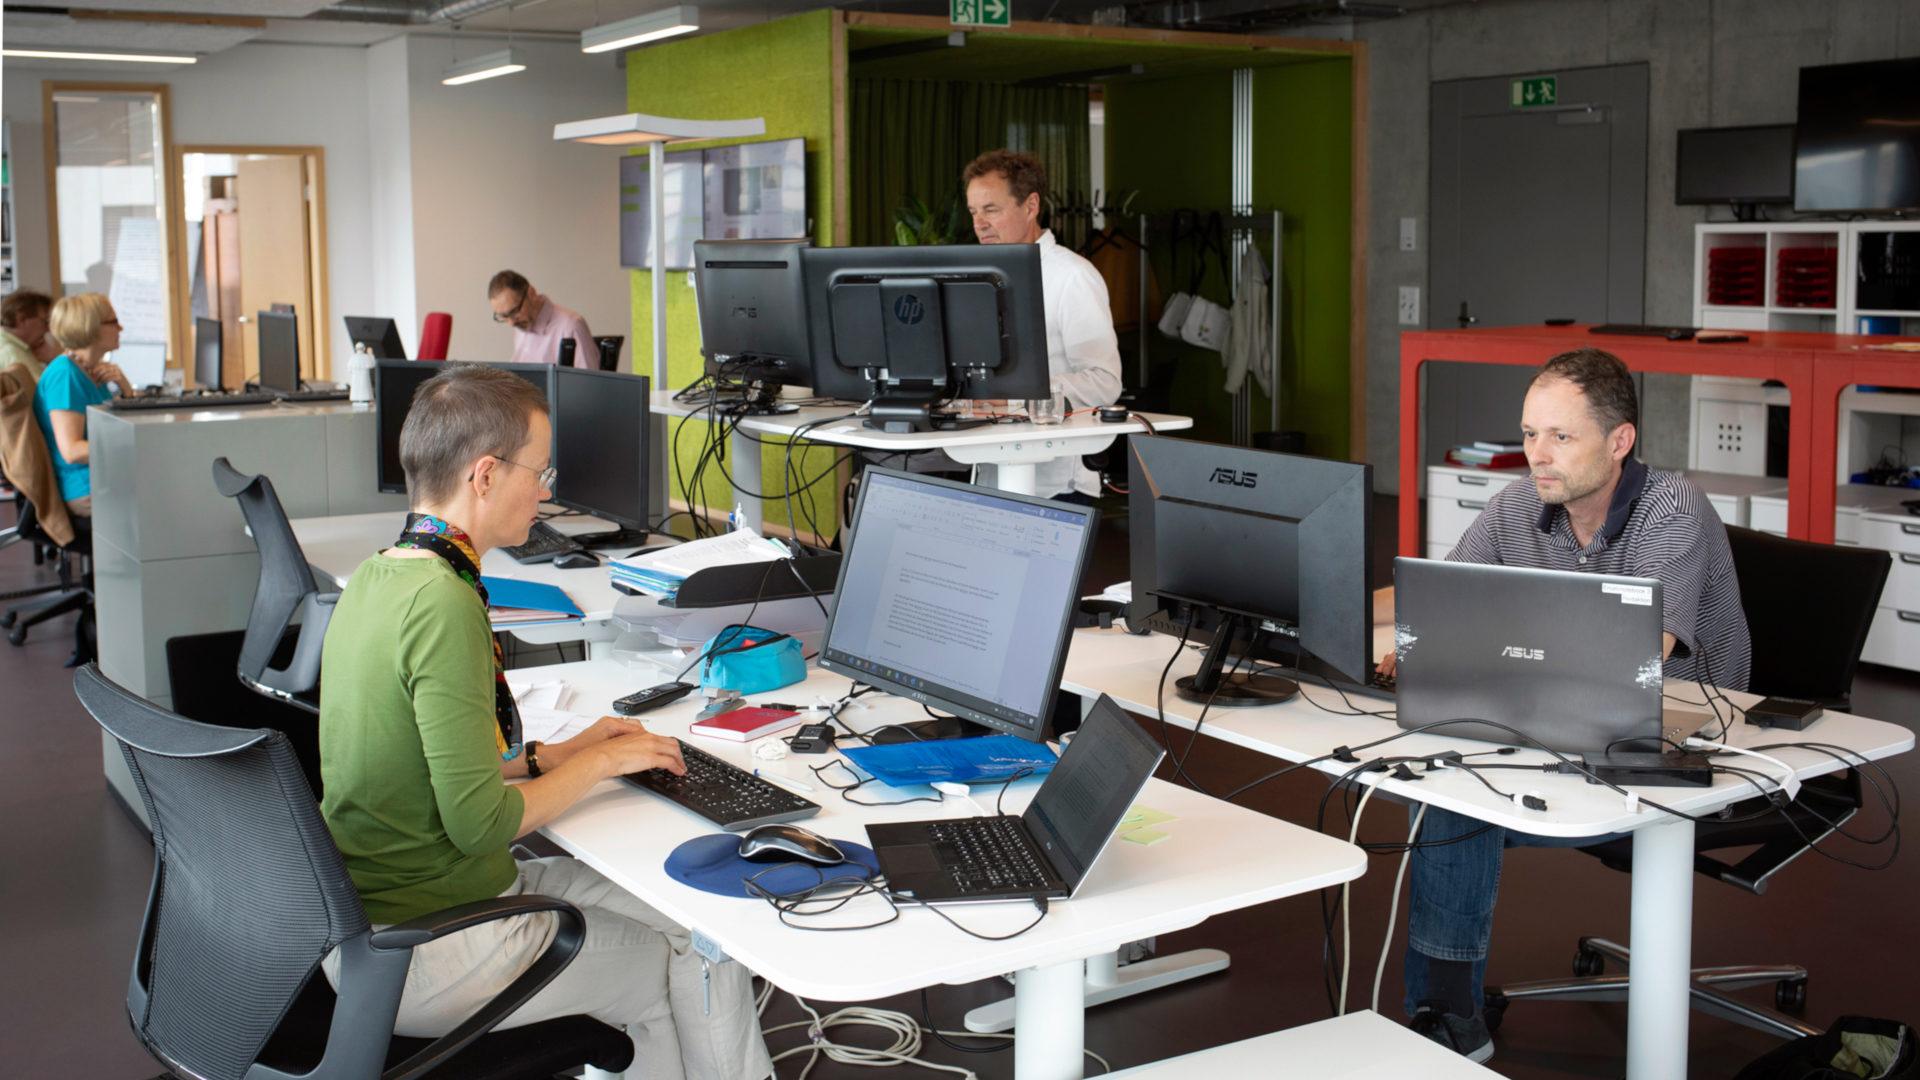 Redaktion kath.ch an der Arbeit | © Christoph Wider